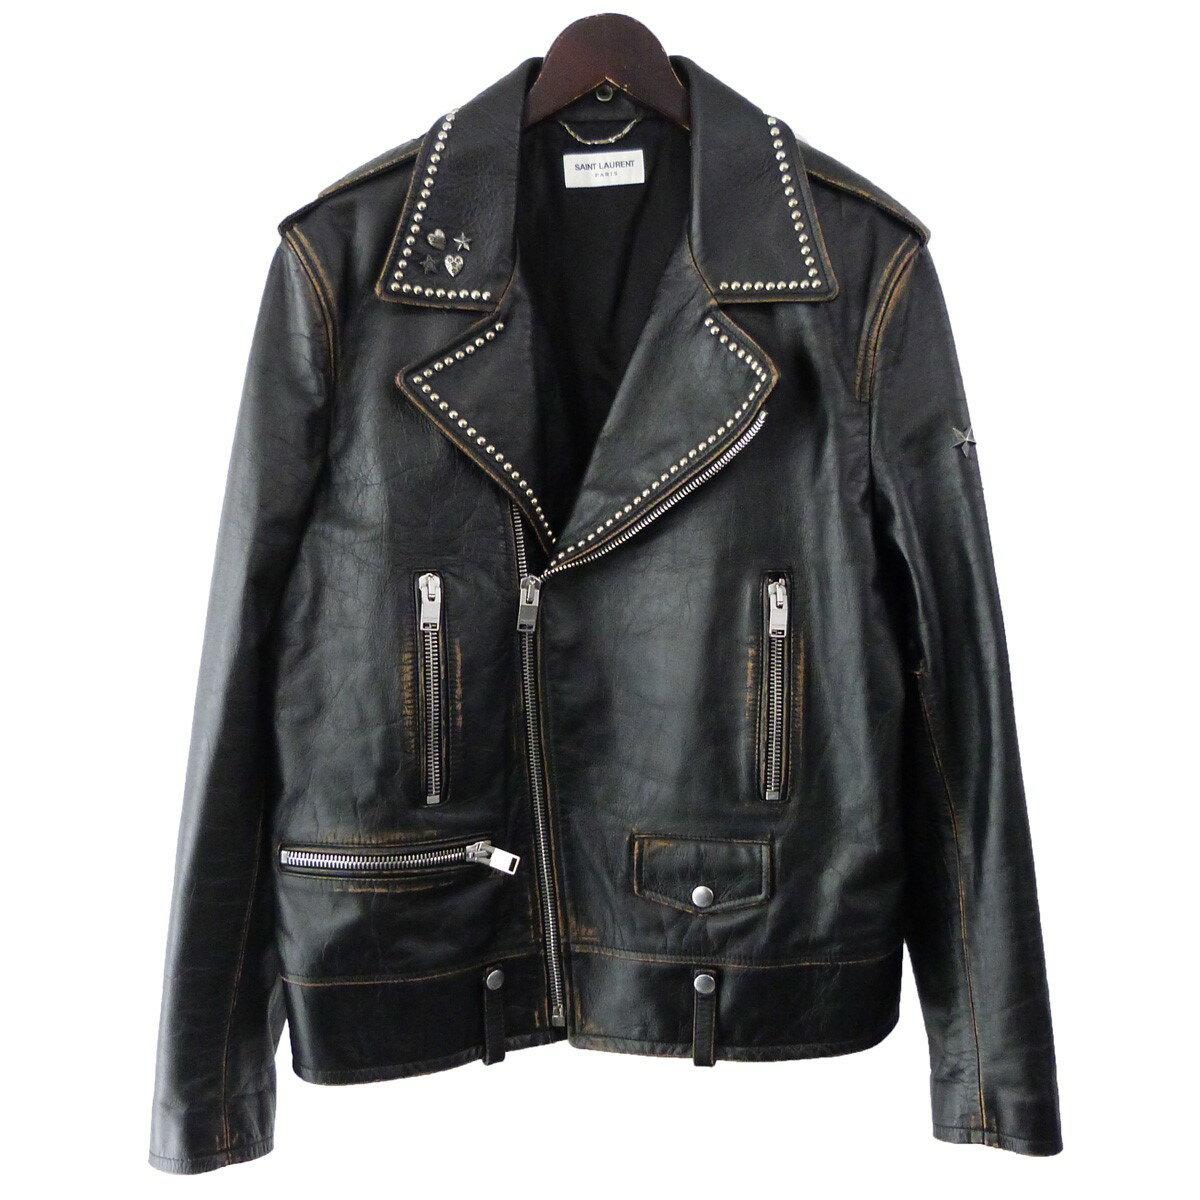 メンズファッション, コート・ジャケット SAINT LAURENT PARIS 17AWL01 56 100420